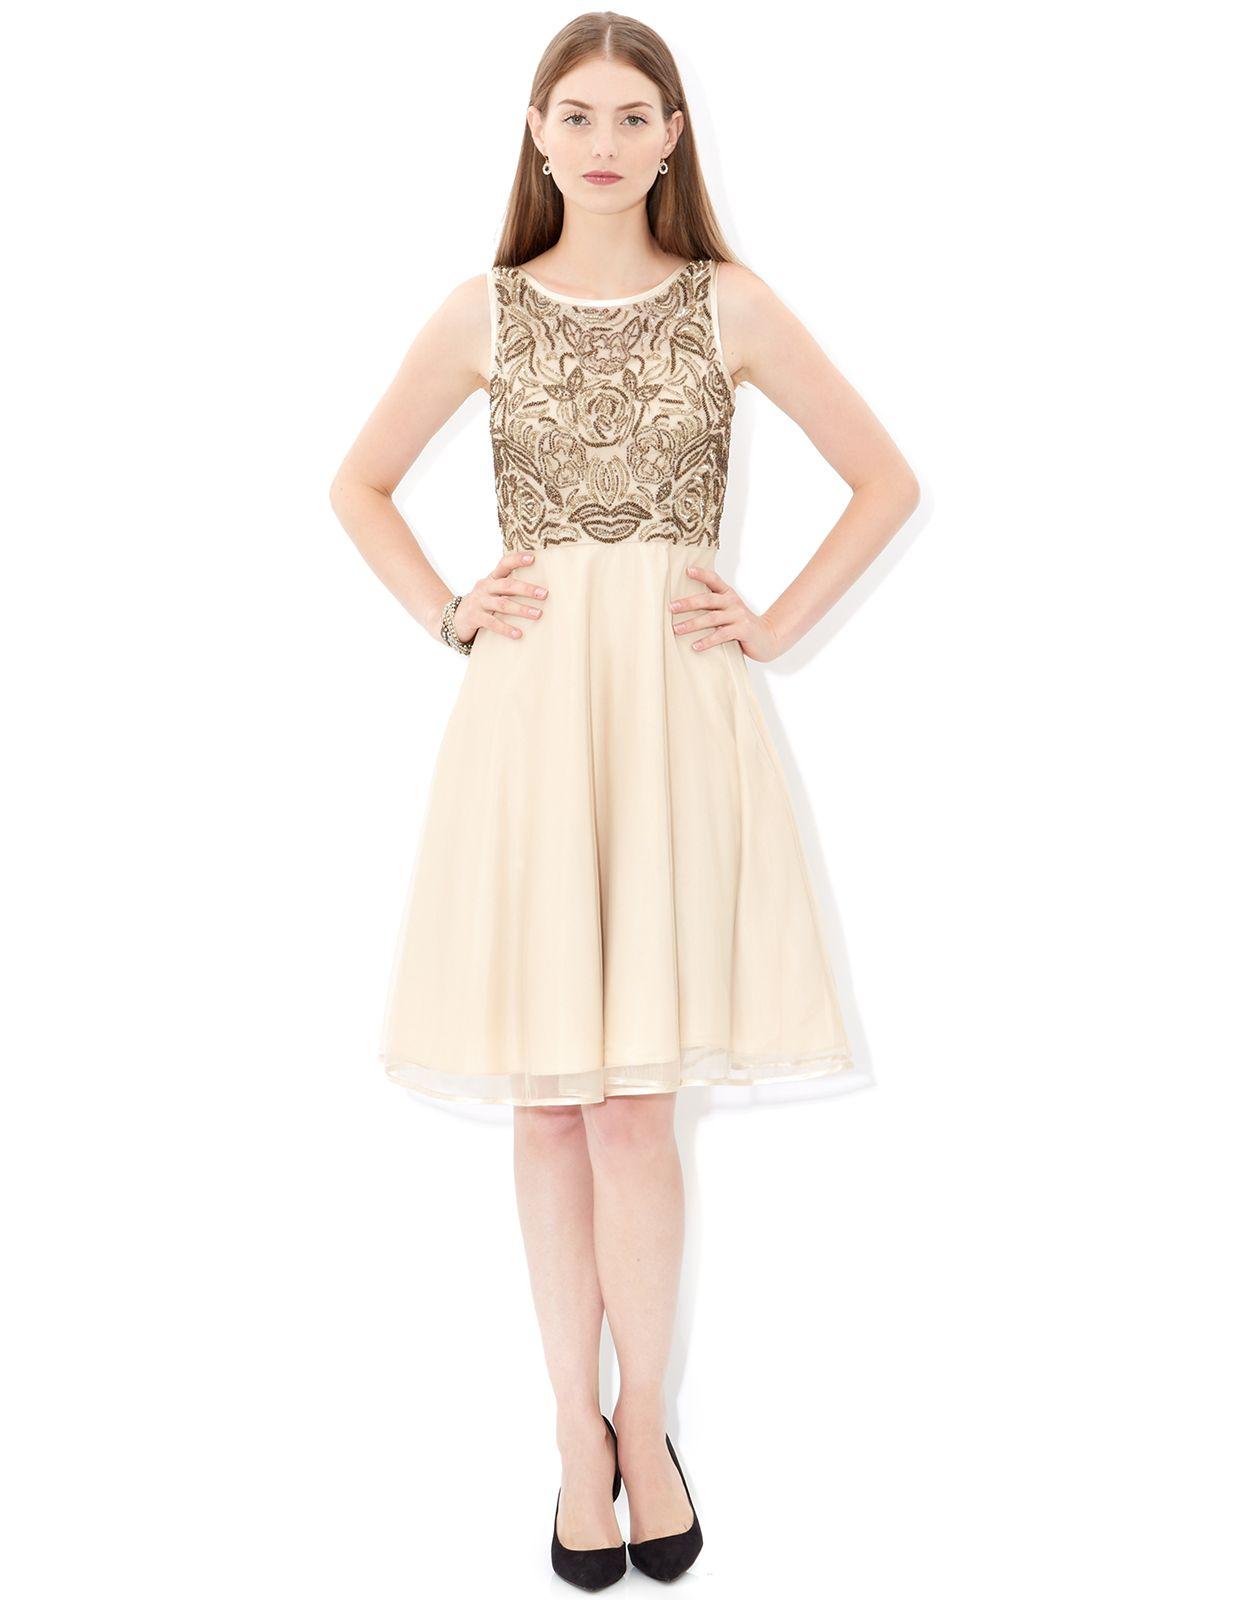 Delilah dress gold monsoon dresses pinterest monsoon delilah dress gold monsoon ombrellifo Choice Image